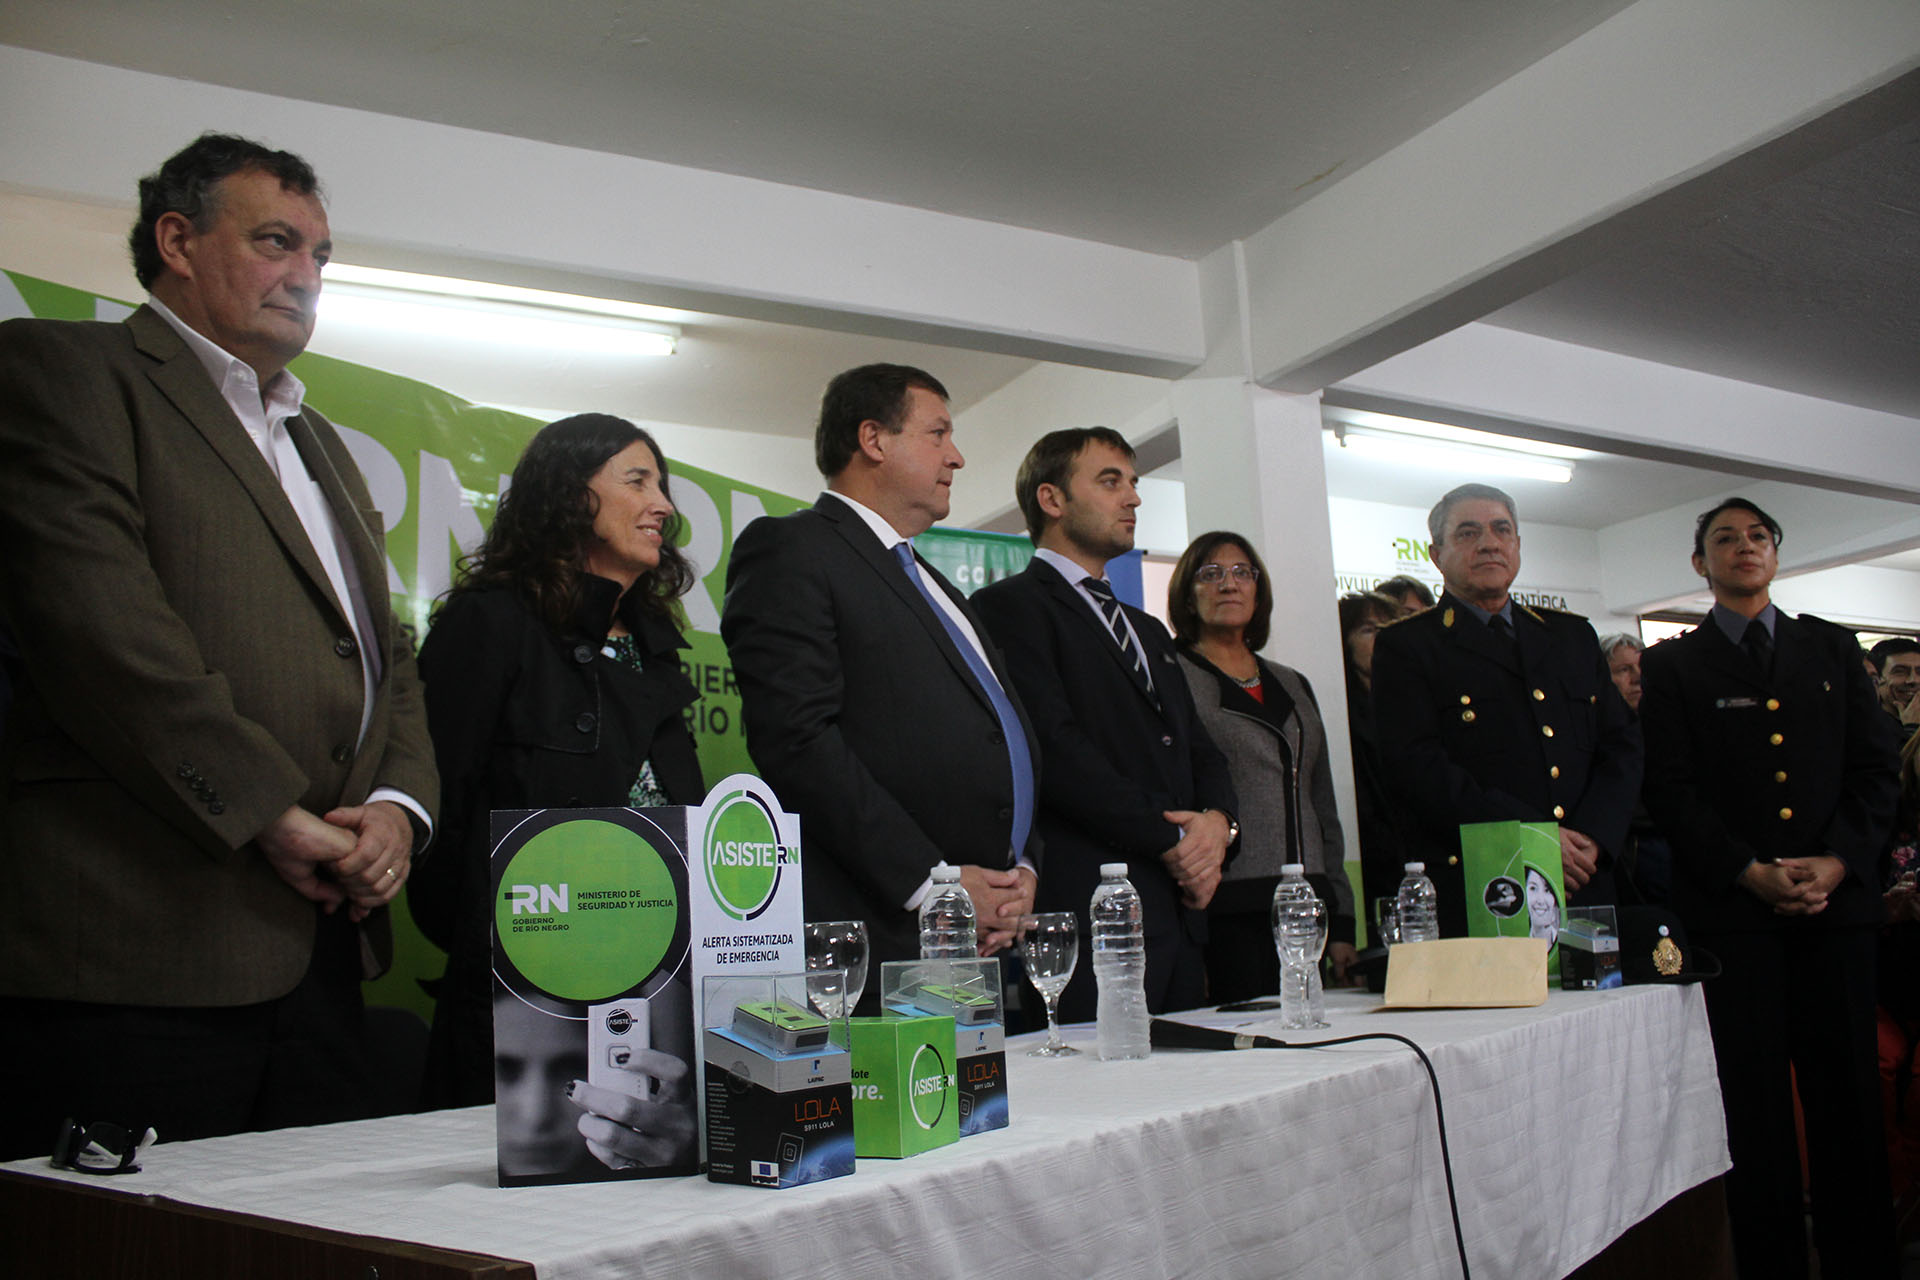 El Gobernador Alberto Weretilneck inauguro la comisaria de la familia en Bariloche y entrego aportes2